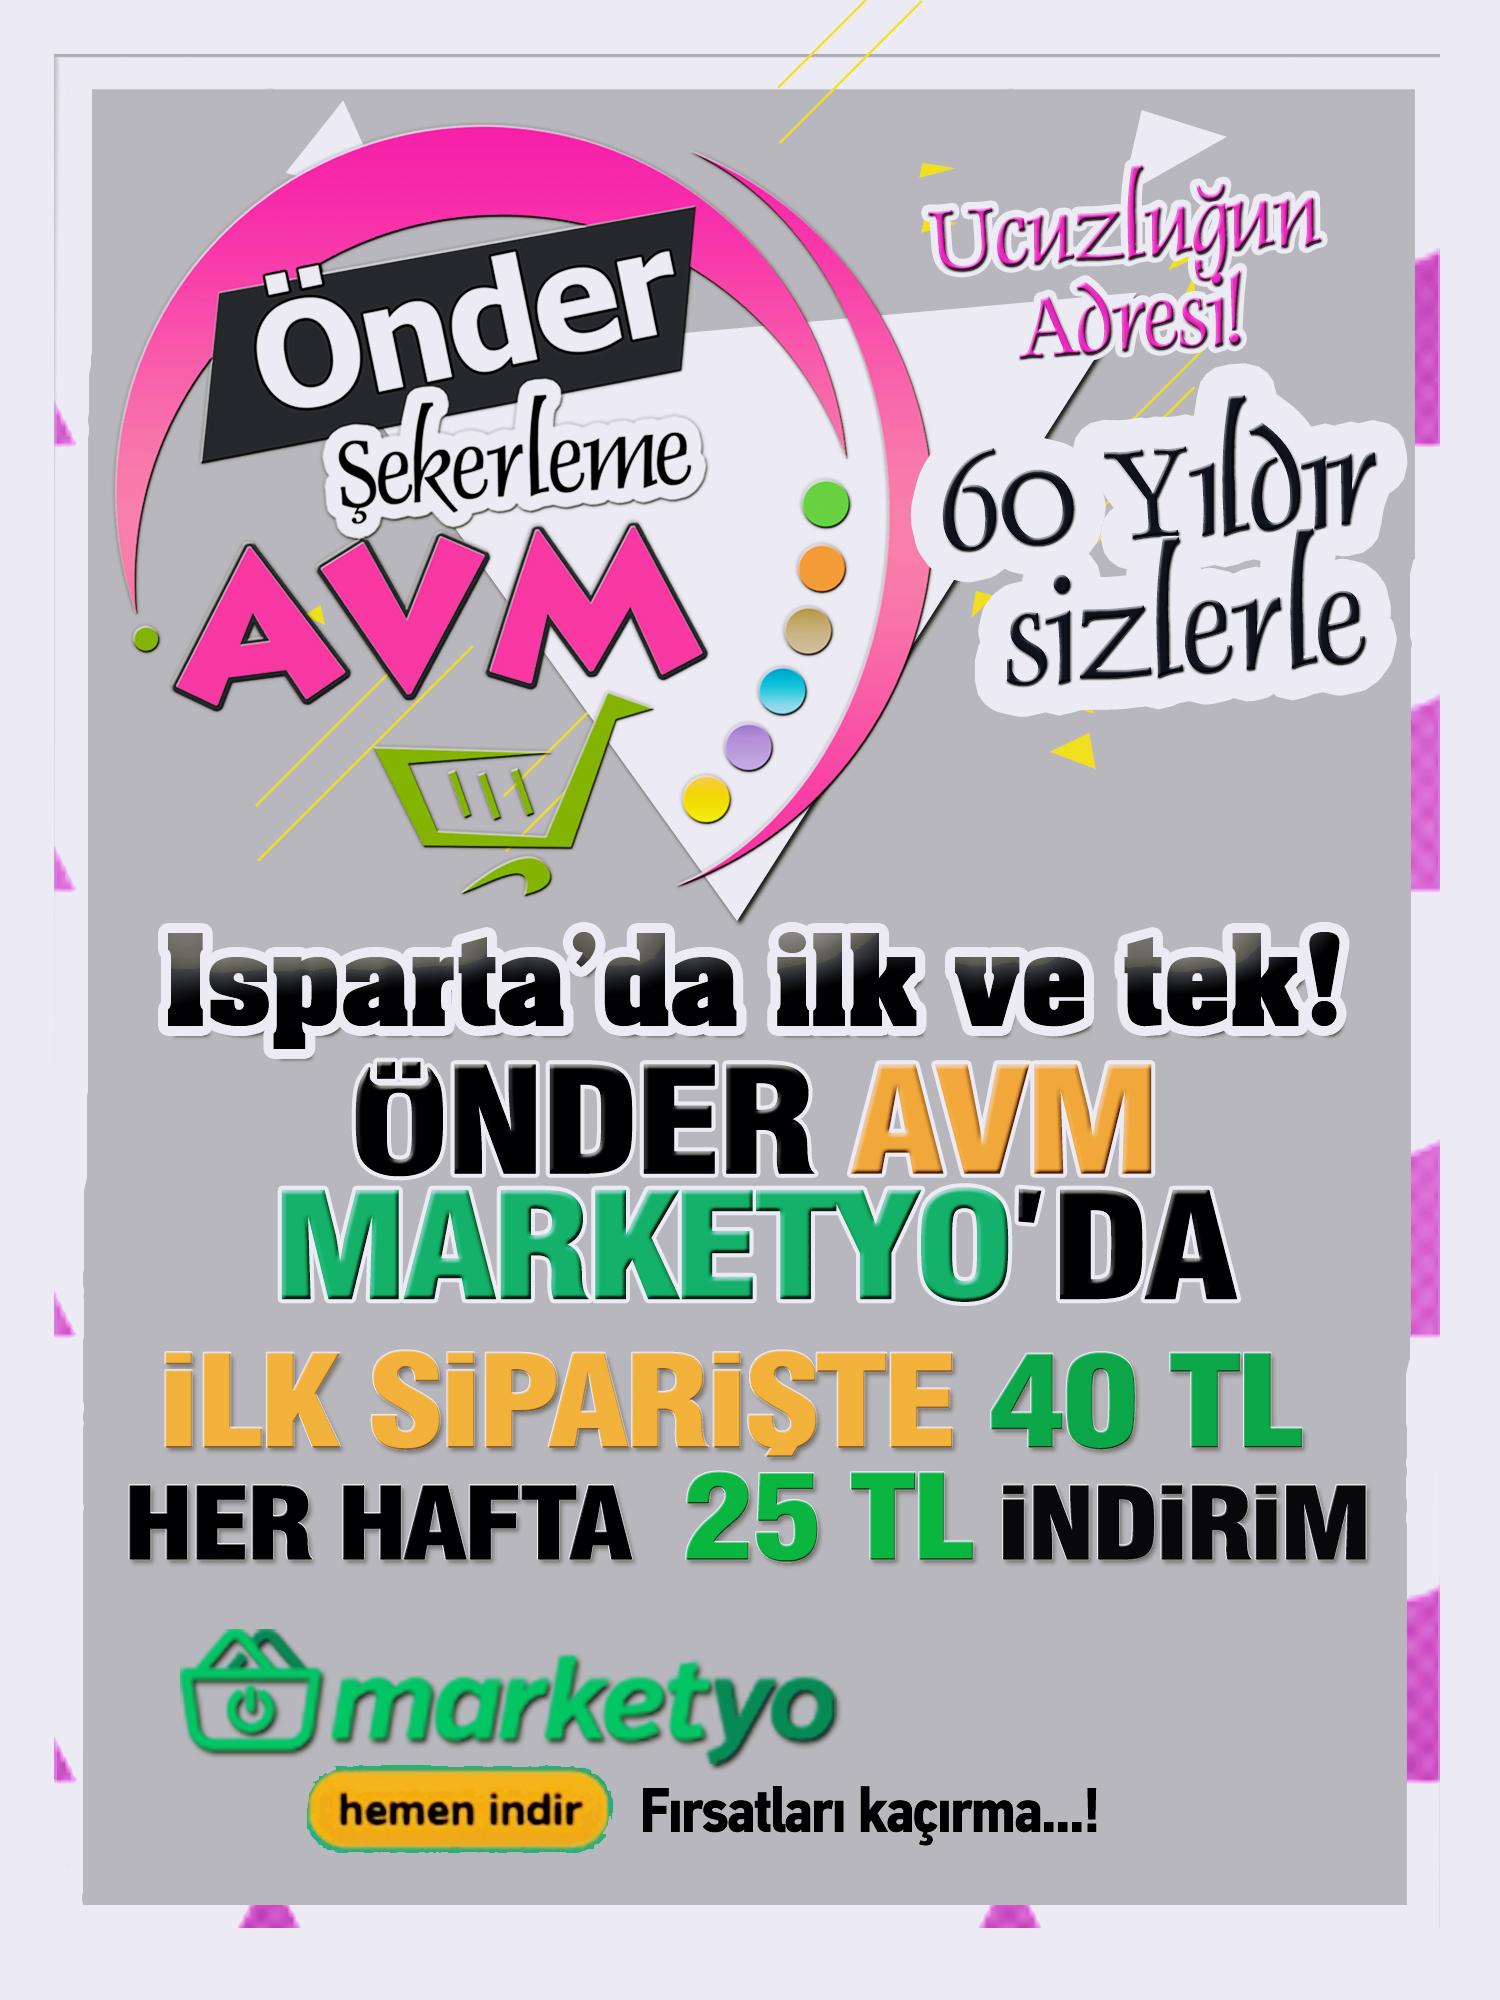 ISPARTA online avm